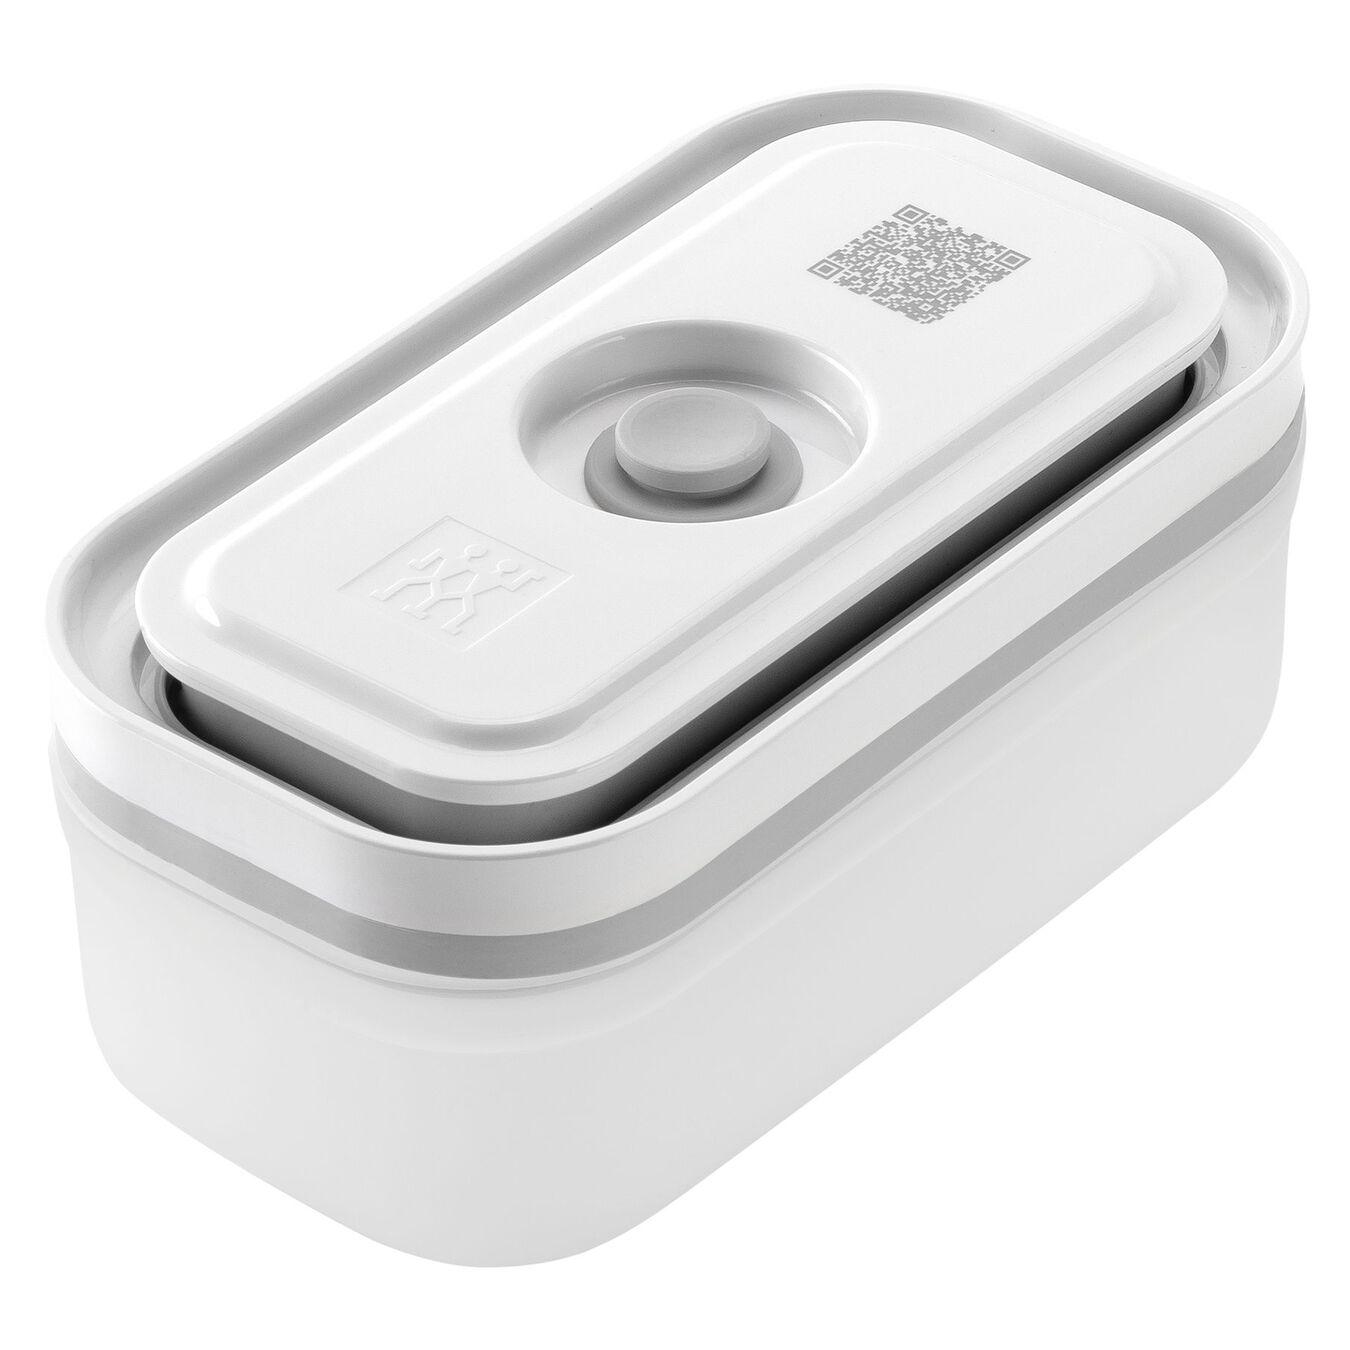 Vacuum box, White | Premium,,large 1